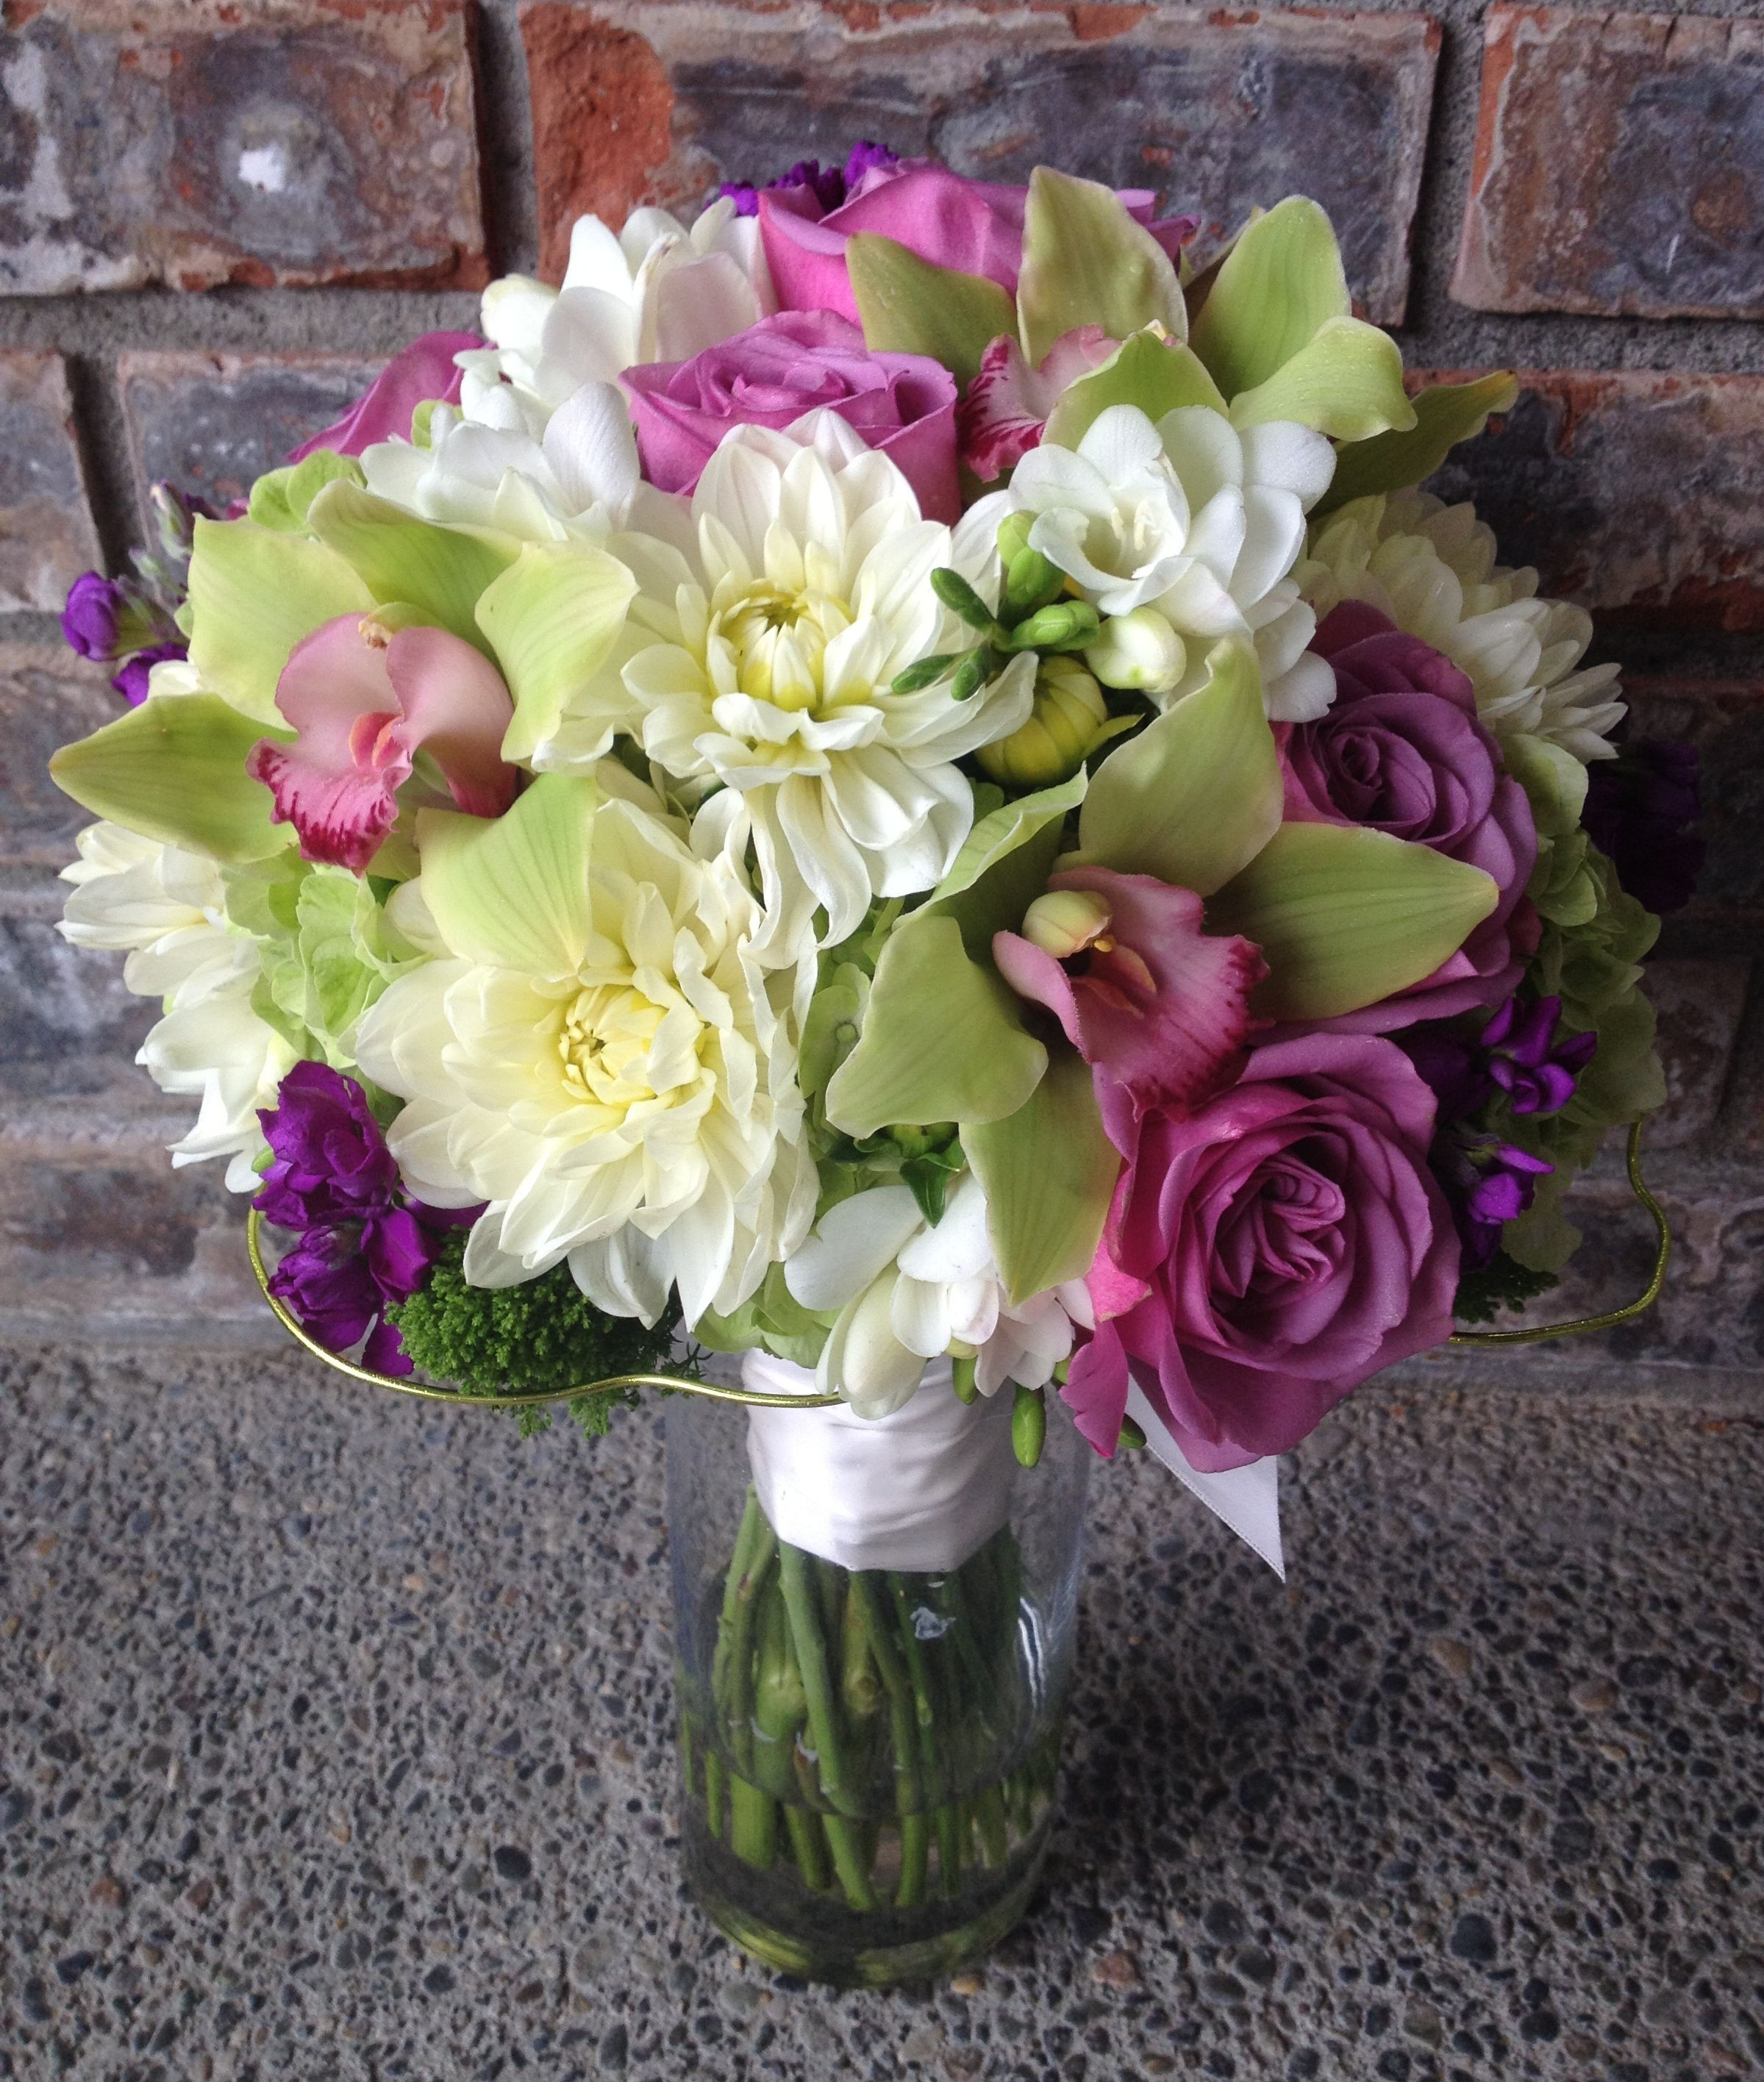 green hydrangea white dahlias white freesia lavender roses purple stock and green